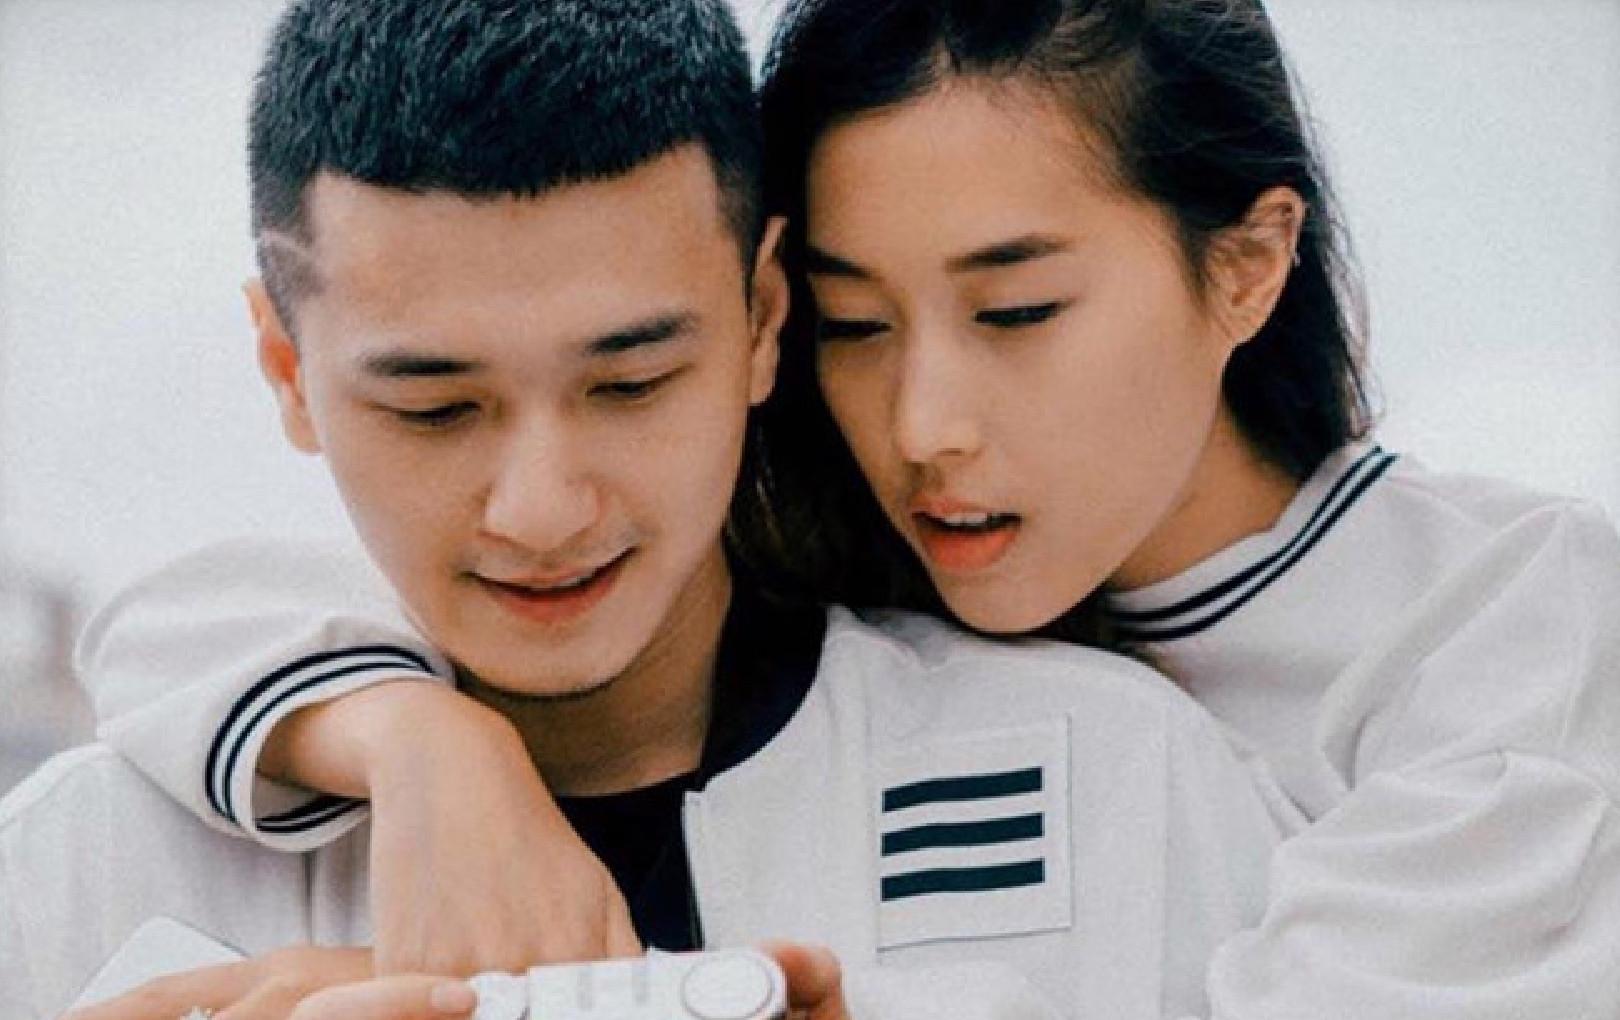 Huỳnh Anh và bạn gái Việt Kiều thông báo chia tay sau 2 năm, tiết lộ nguyên nhân chính thức